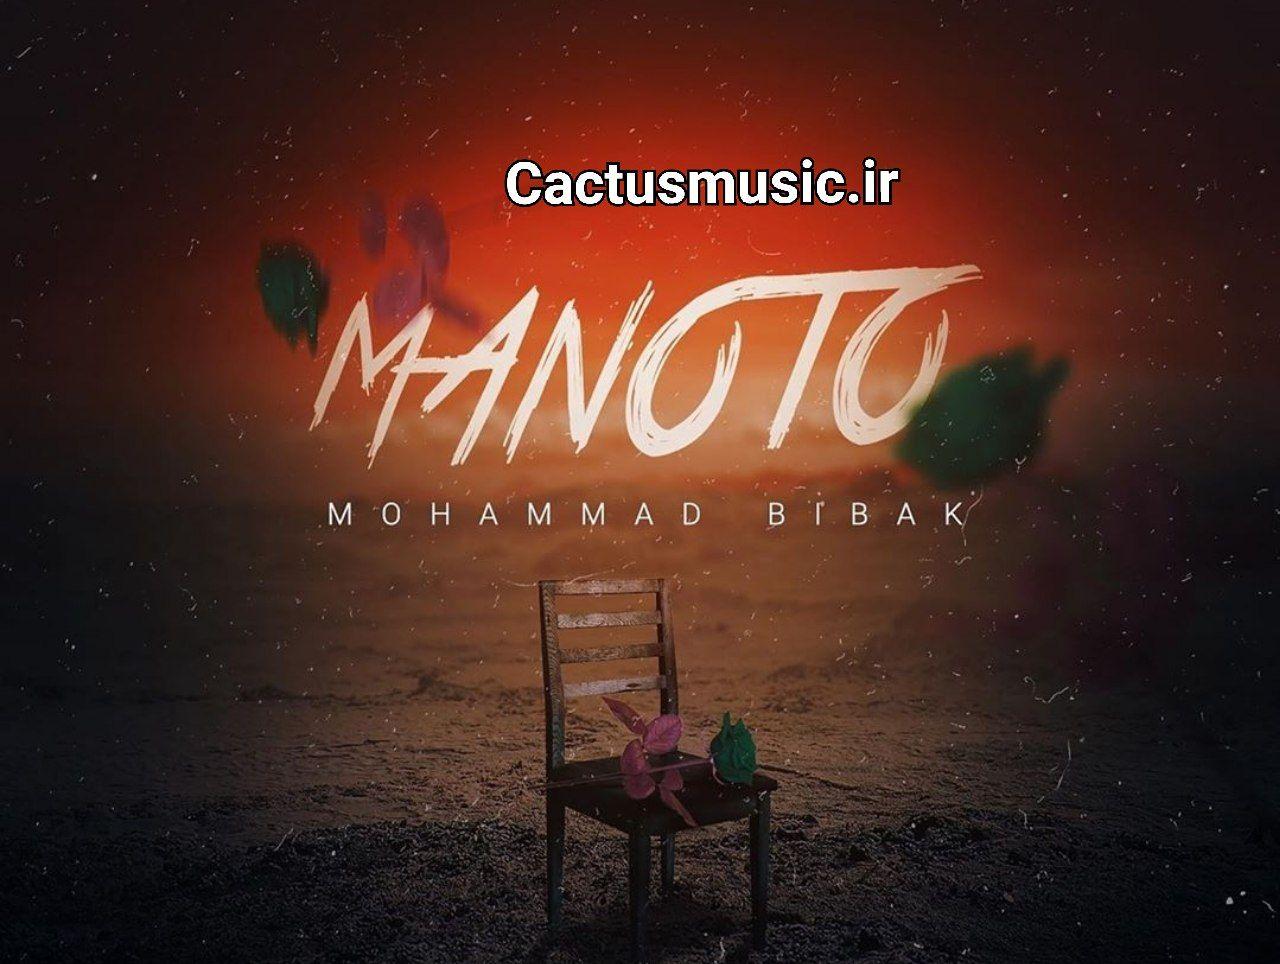 IMG 20200627 052531 415 - دانلود آهنگ منوتو از محمد بیباک